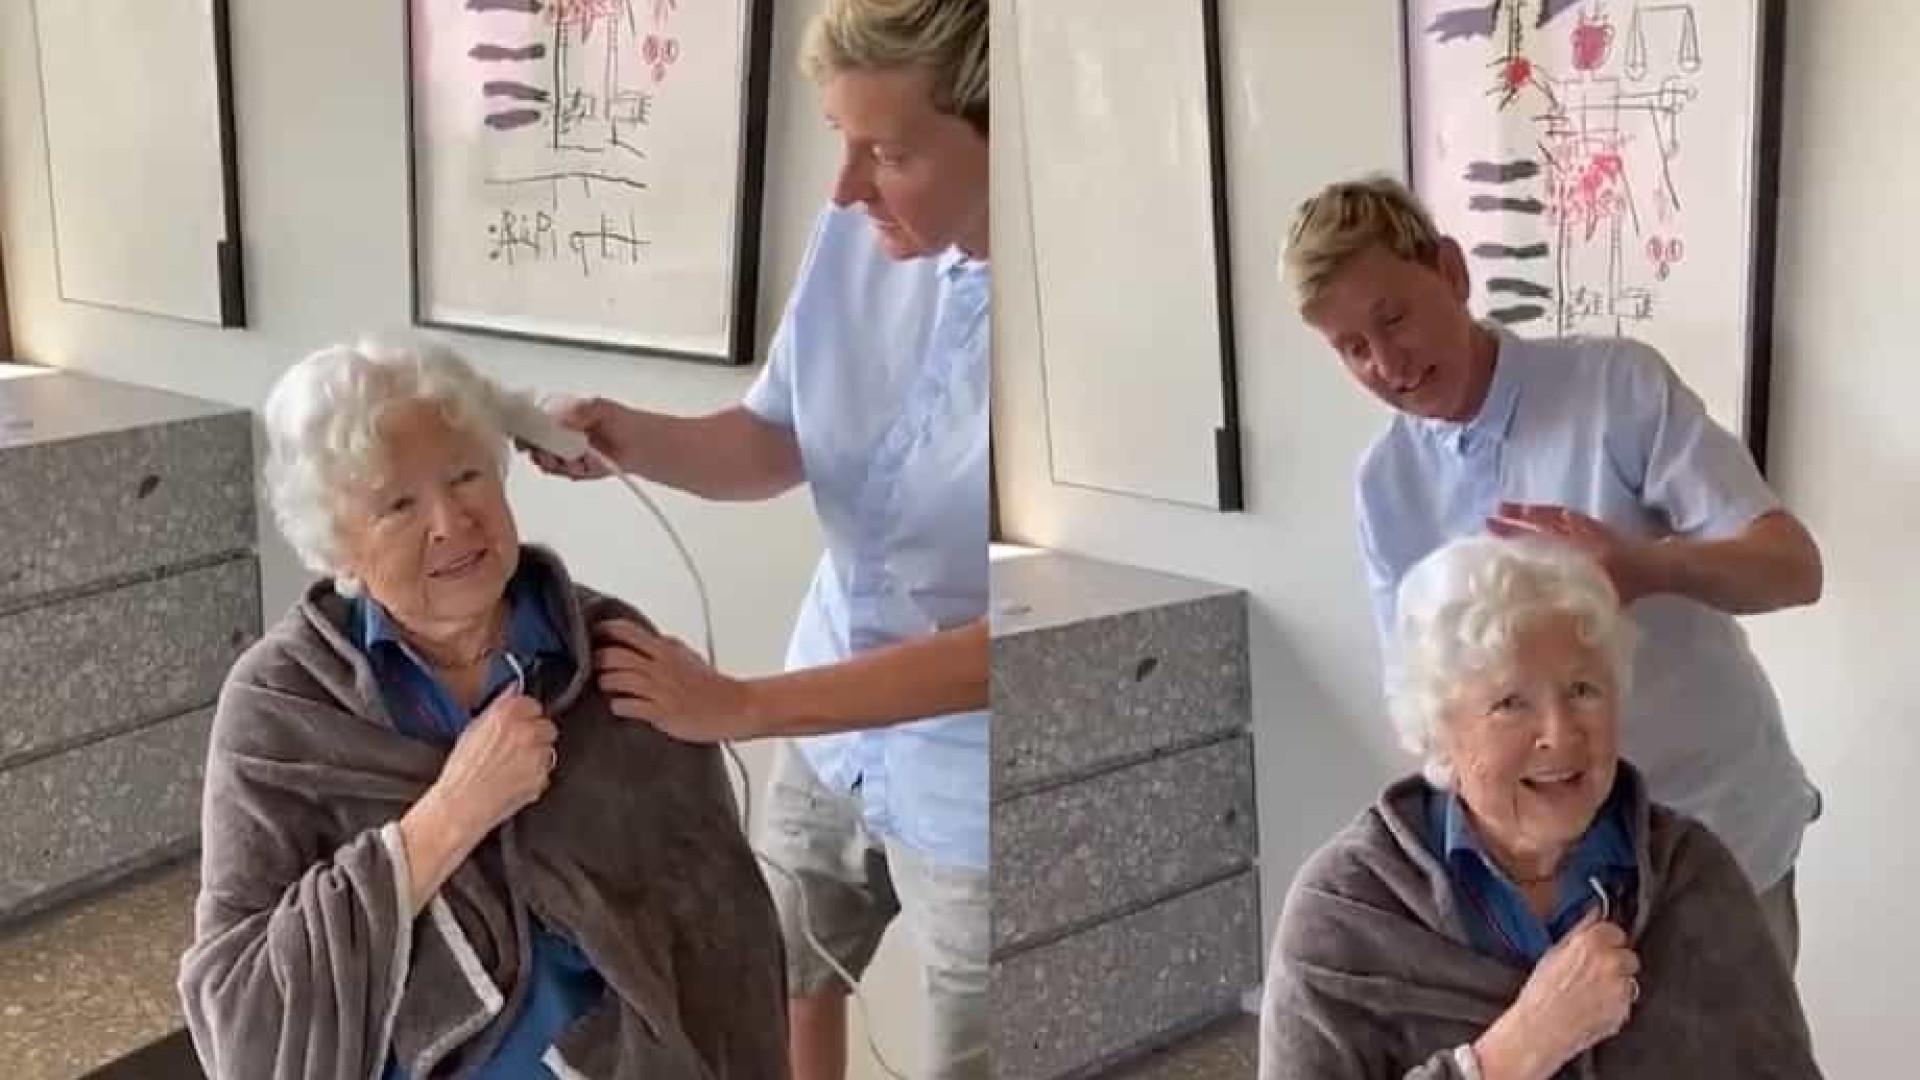 Ellen Degeneres presenteia mãe no seu aniversário com corte de cabelo